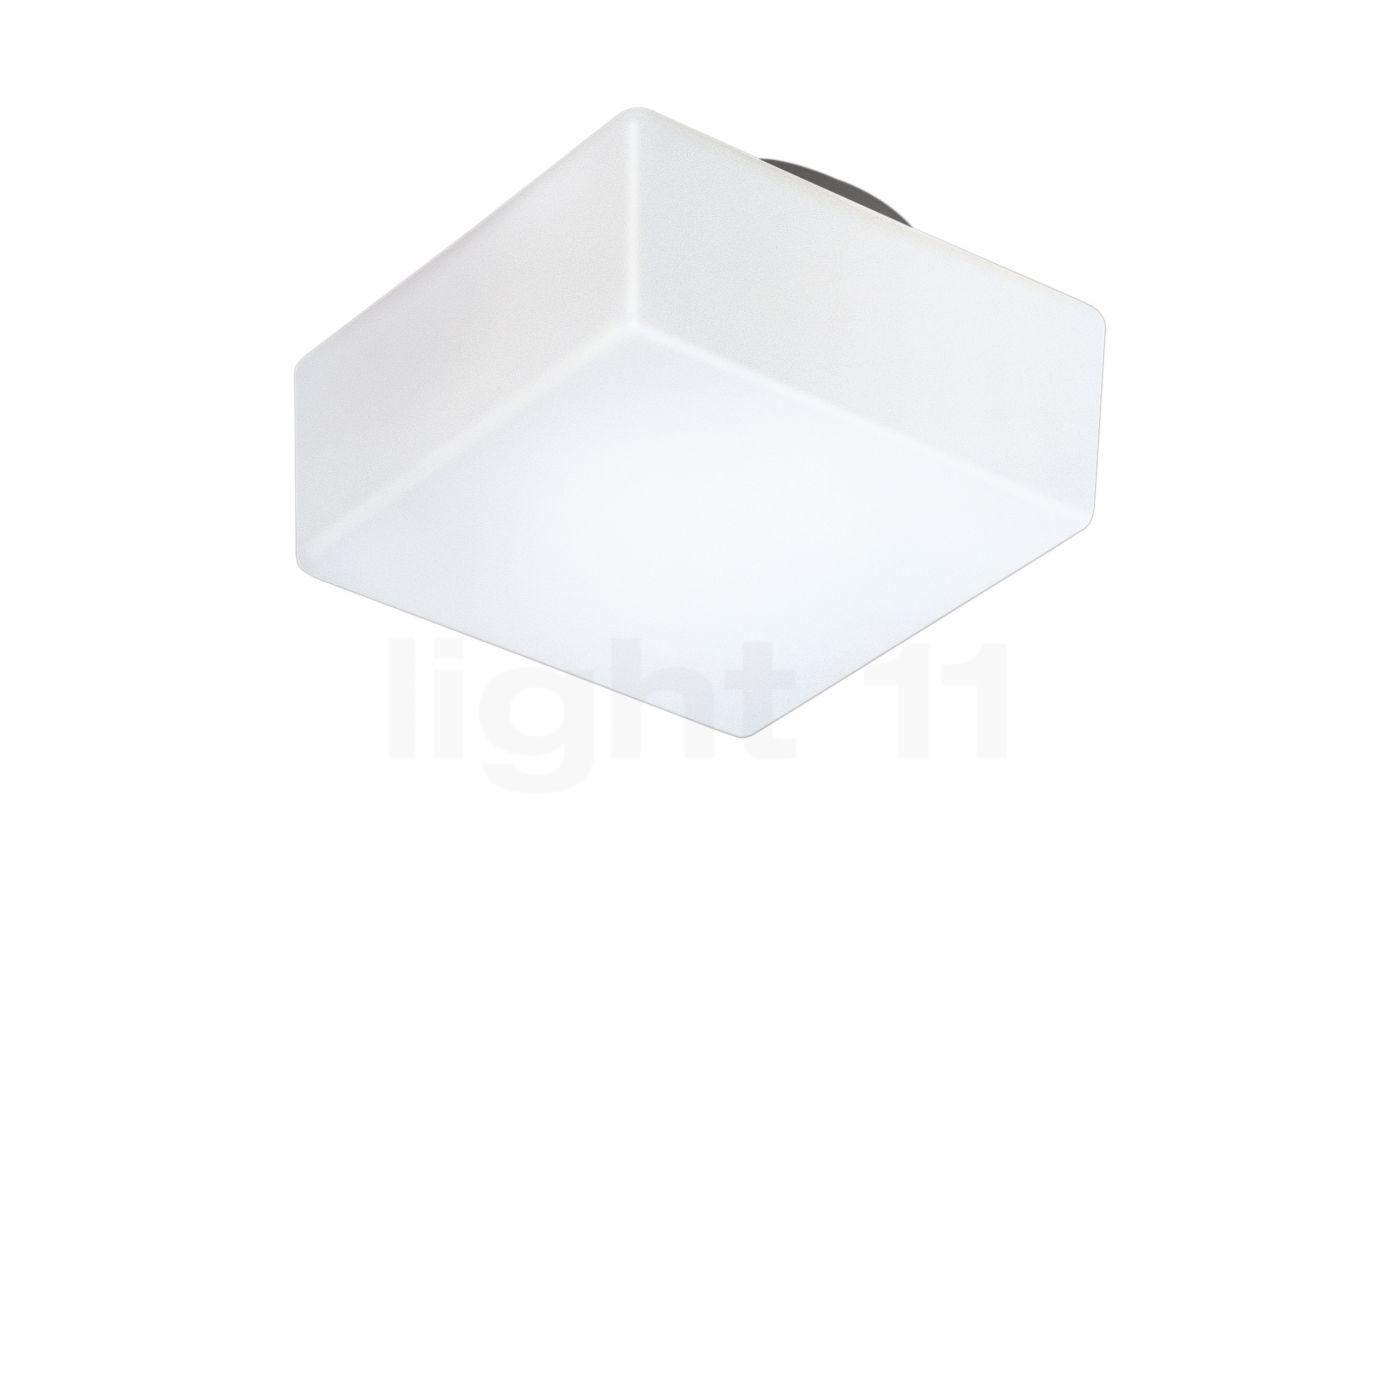 Quadra Dérouleur de papier WC cuivreBxHxT 145x10x36cm